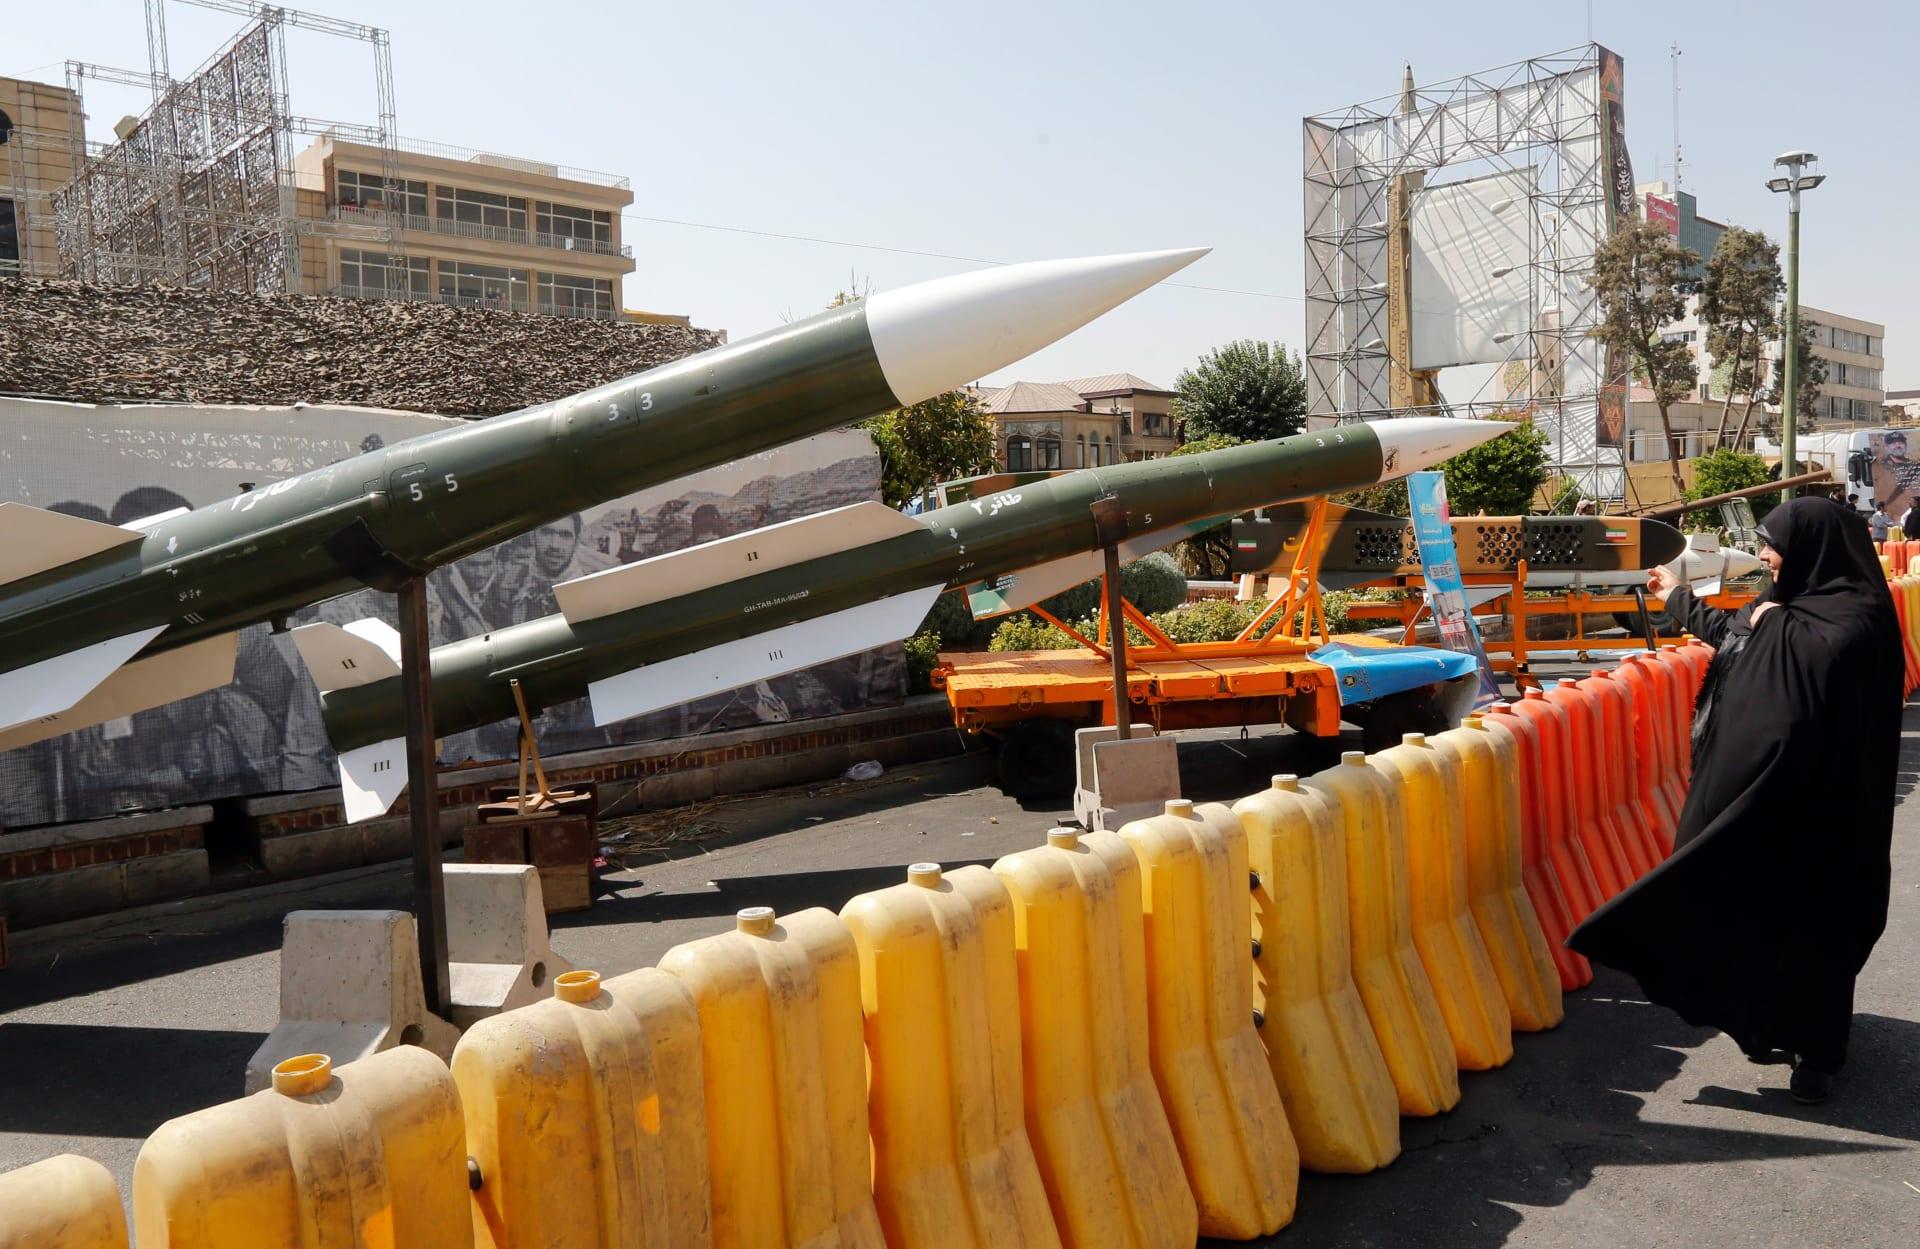 إيران: إسقاط طائرة دون طيار مجهولة قرب ميناء جنوب غرب البلاد